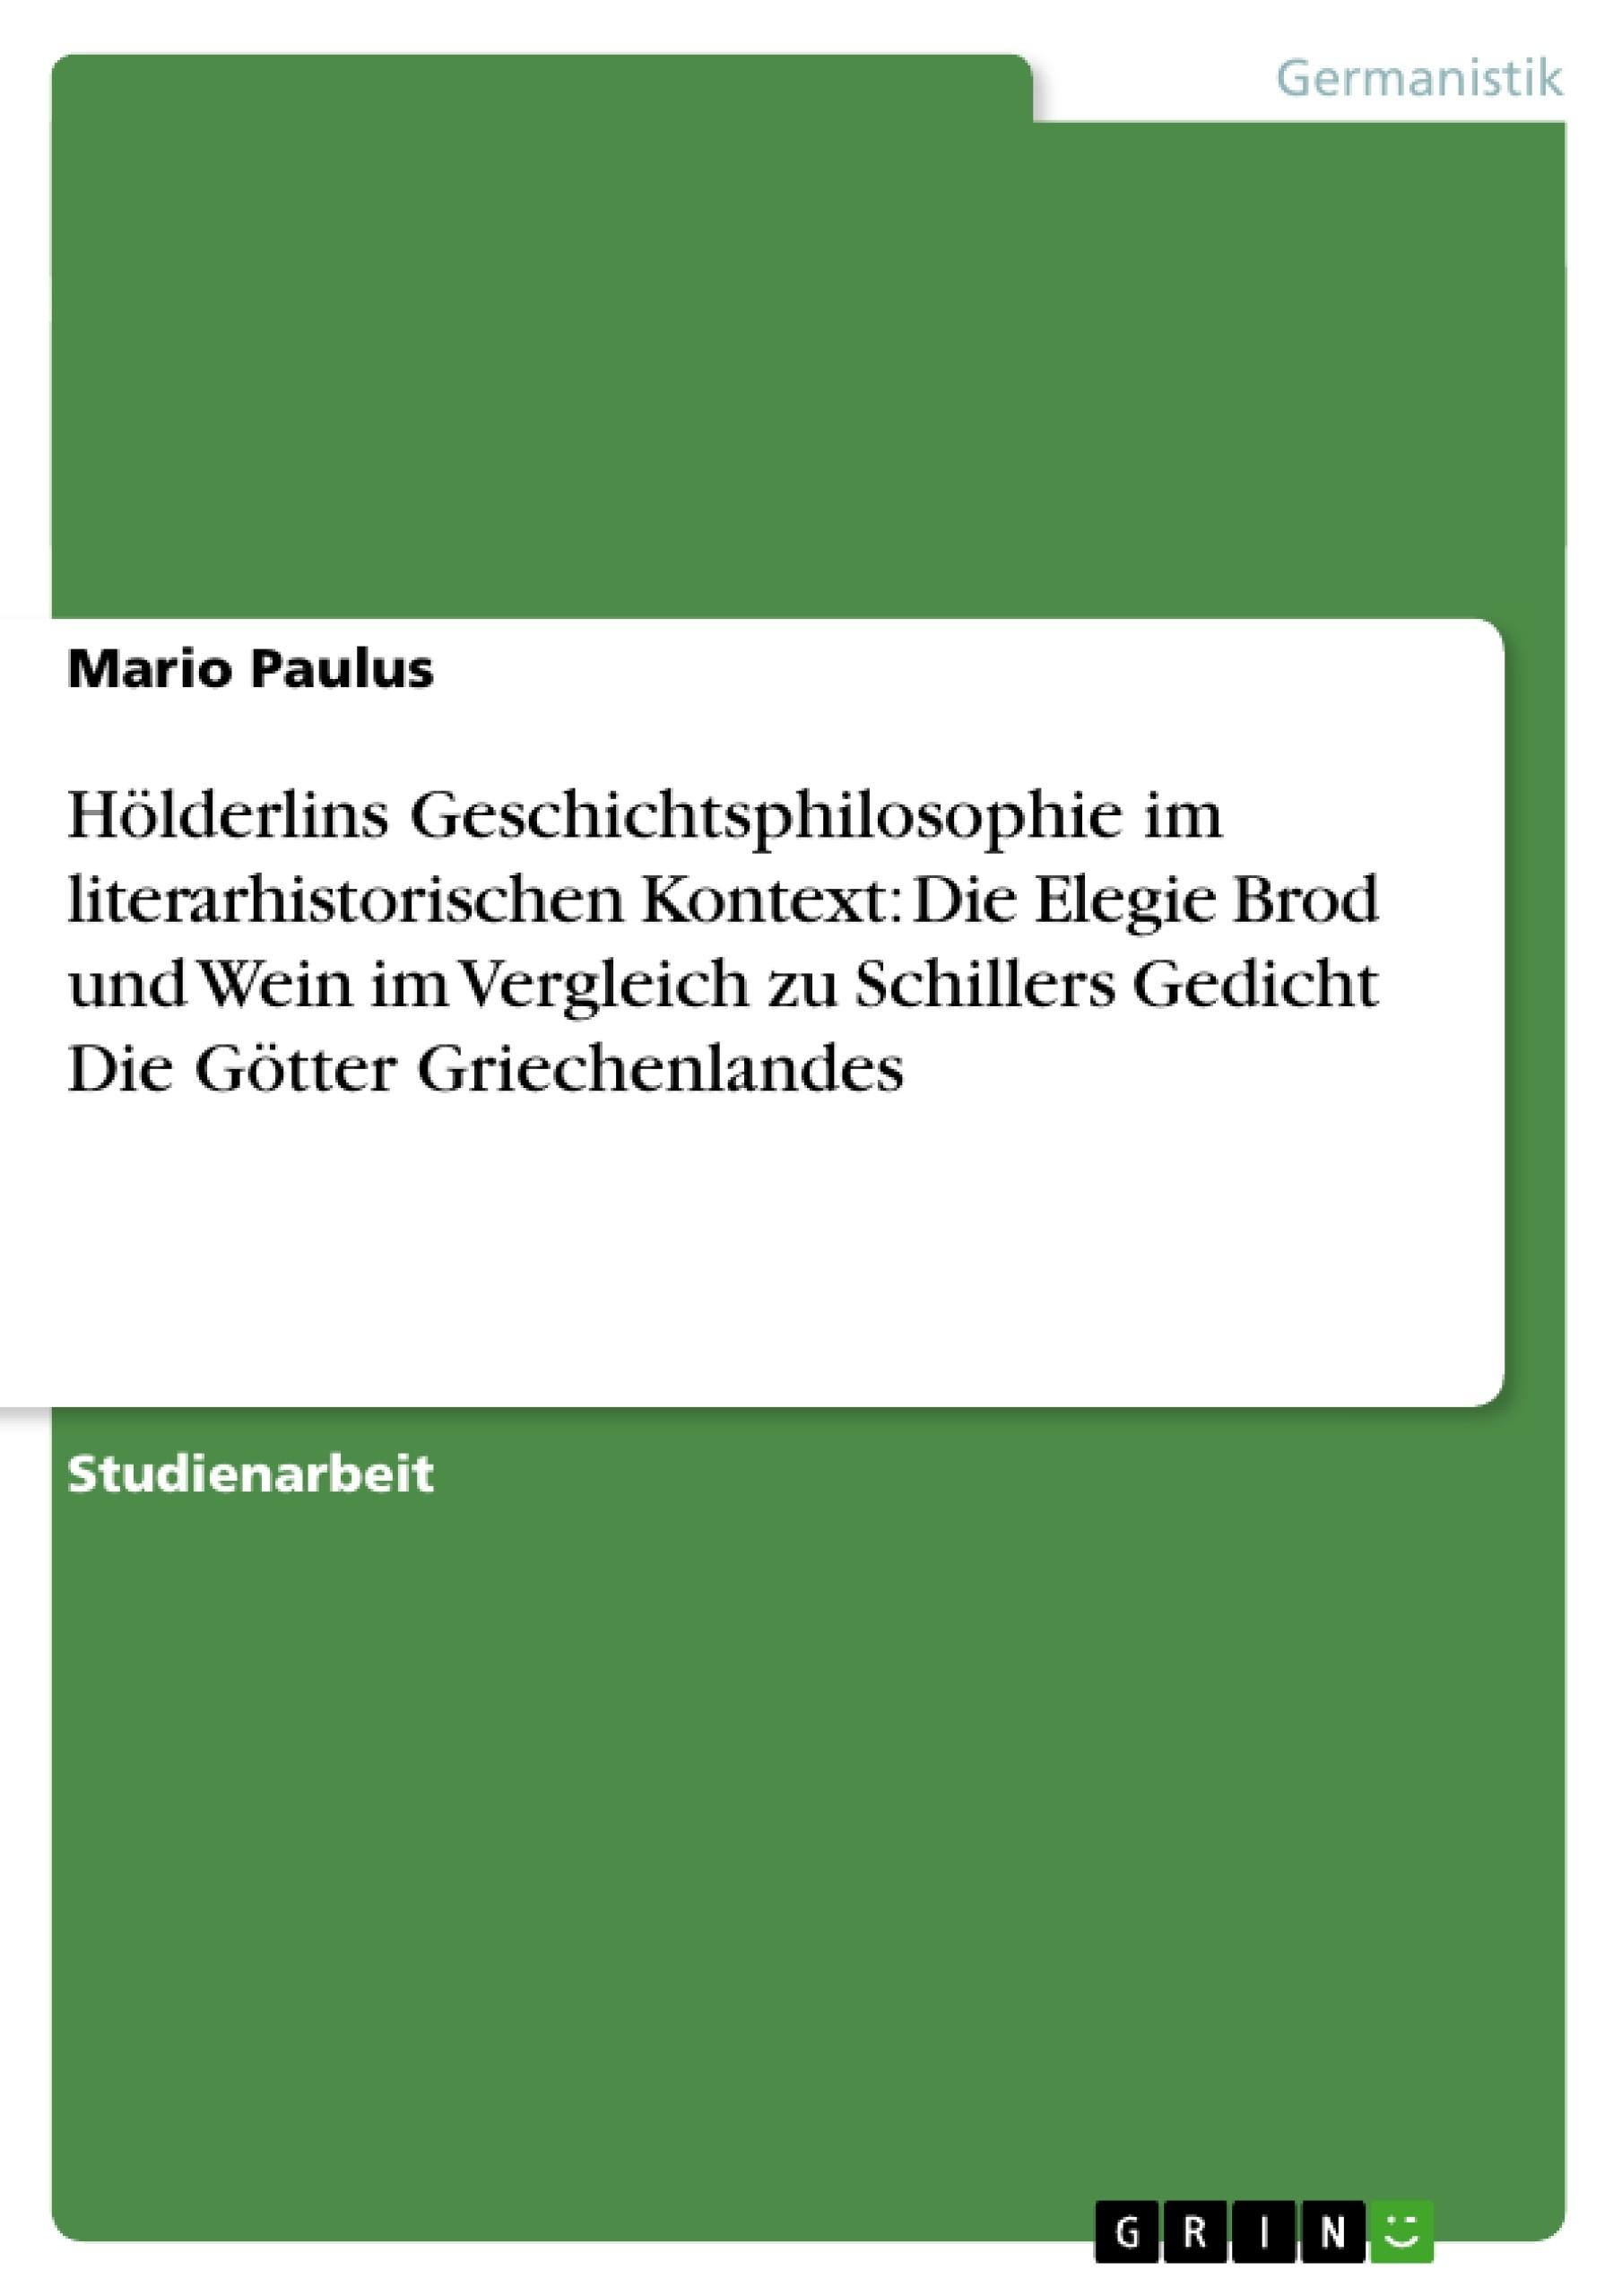 Titel: Hölderlins Geschichtsphilosophie im literarhistorischen Kontext: Die Elegie Brod und Wein im Vergleich zu Schillers Gedicht Die Götter Griechenlandes